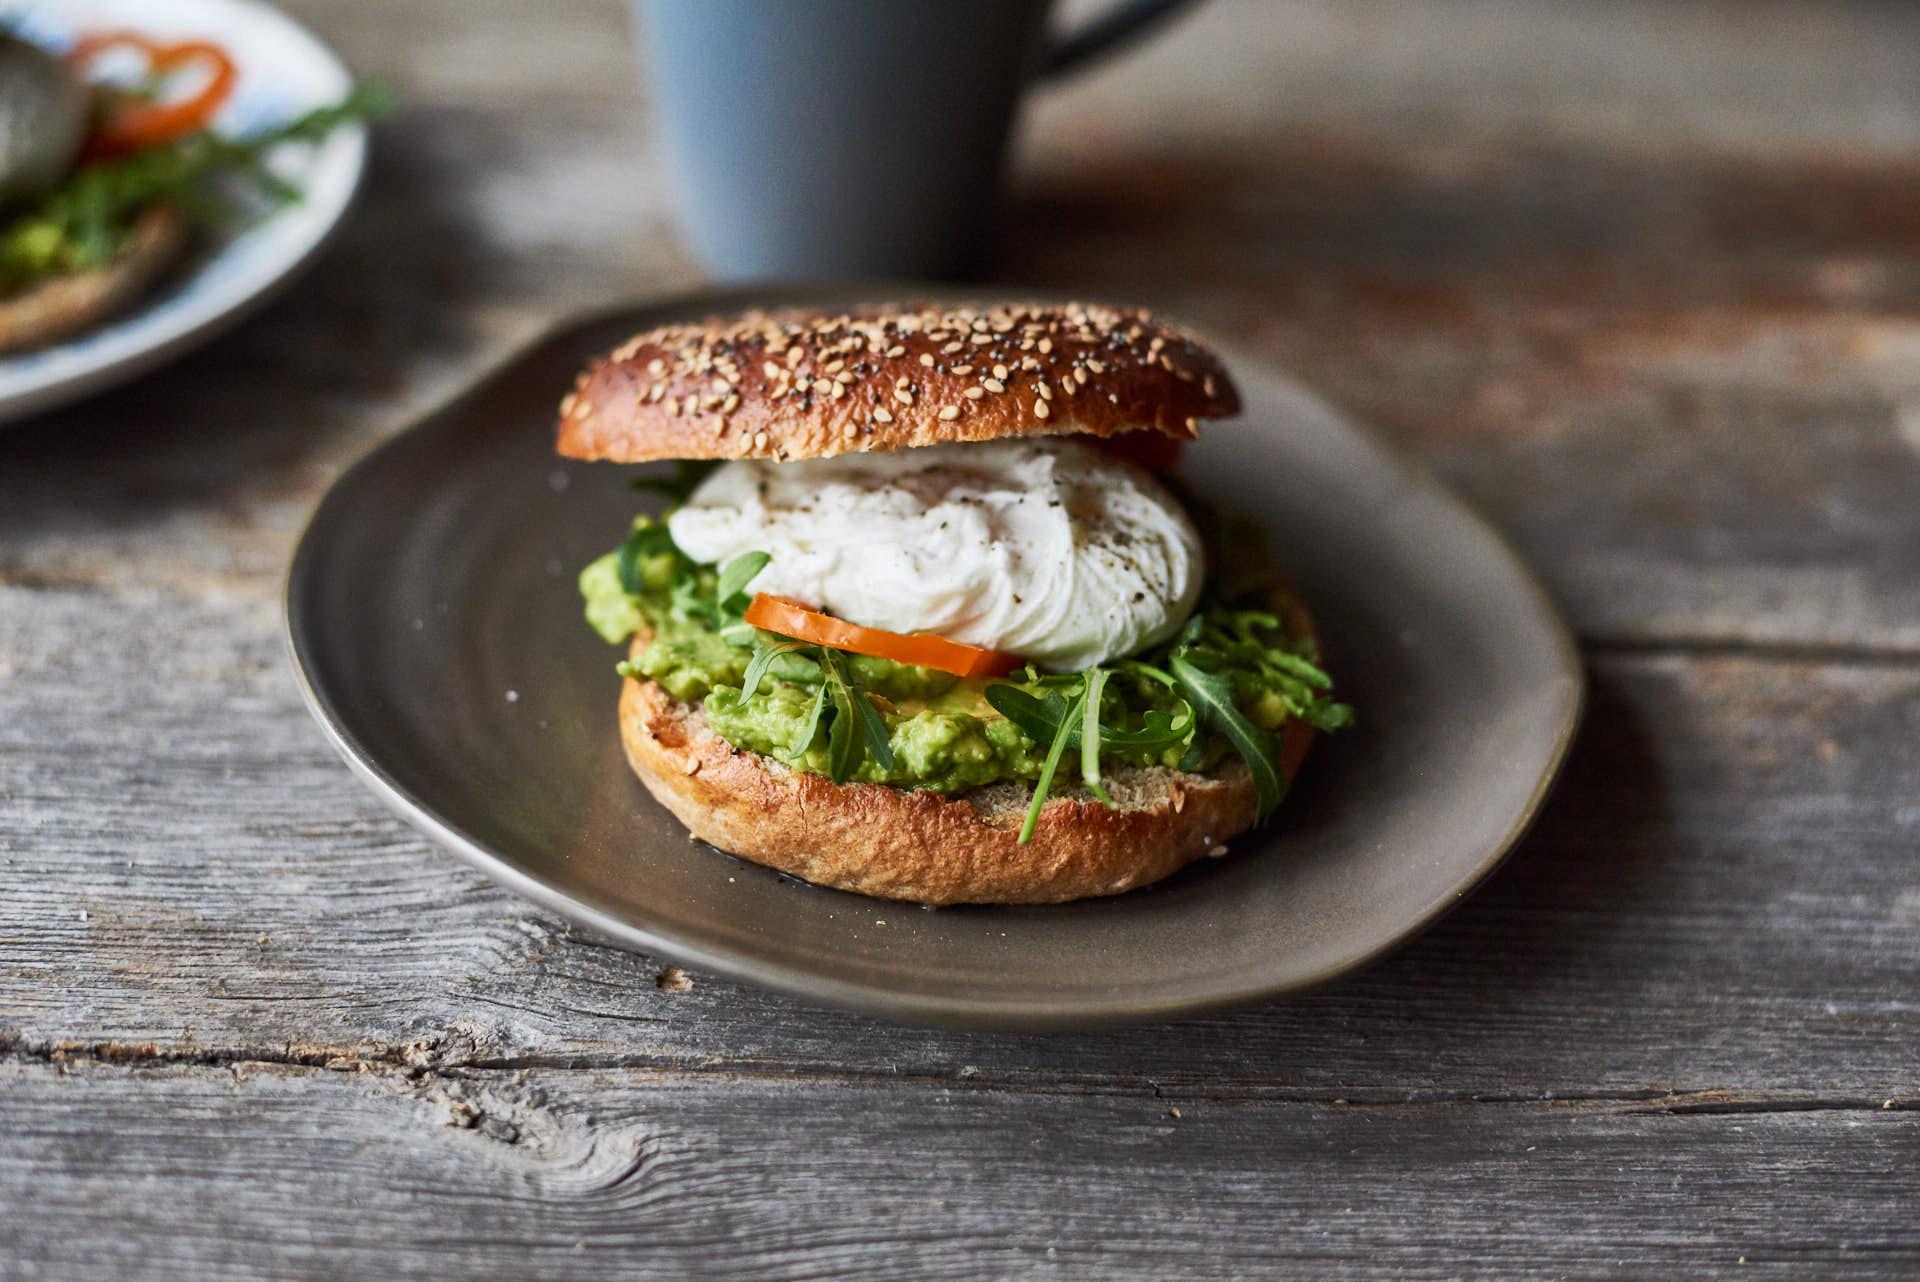 Vollkornbagel mit pochiertem Ei und Avocado